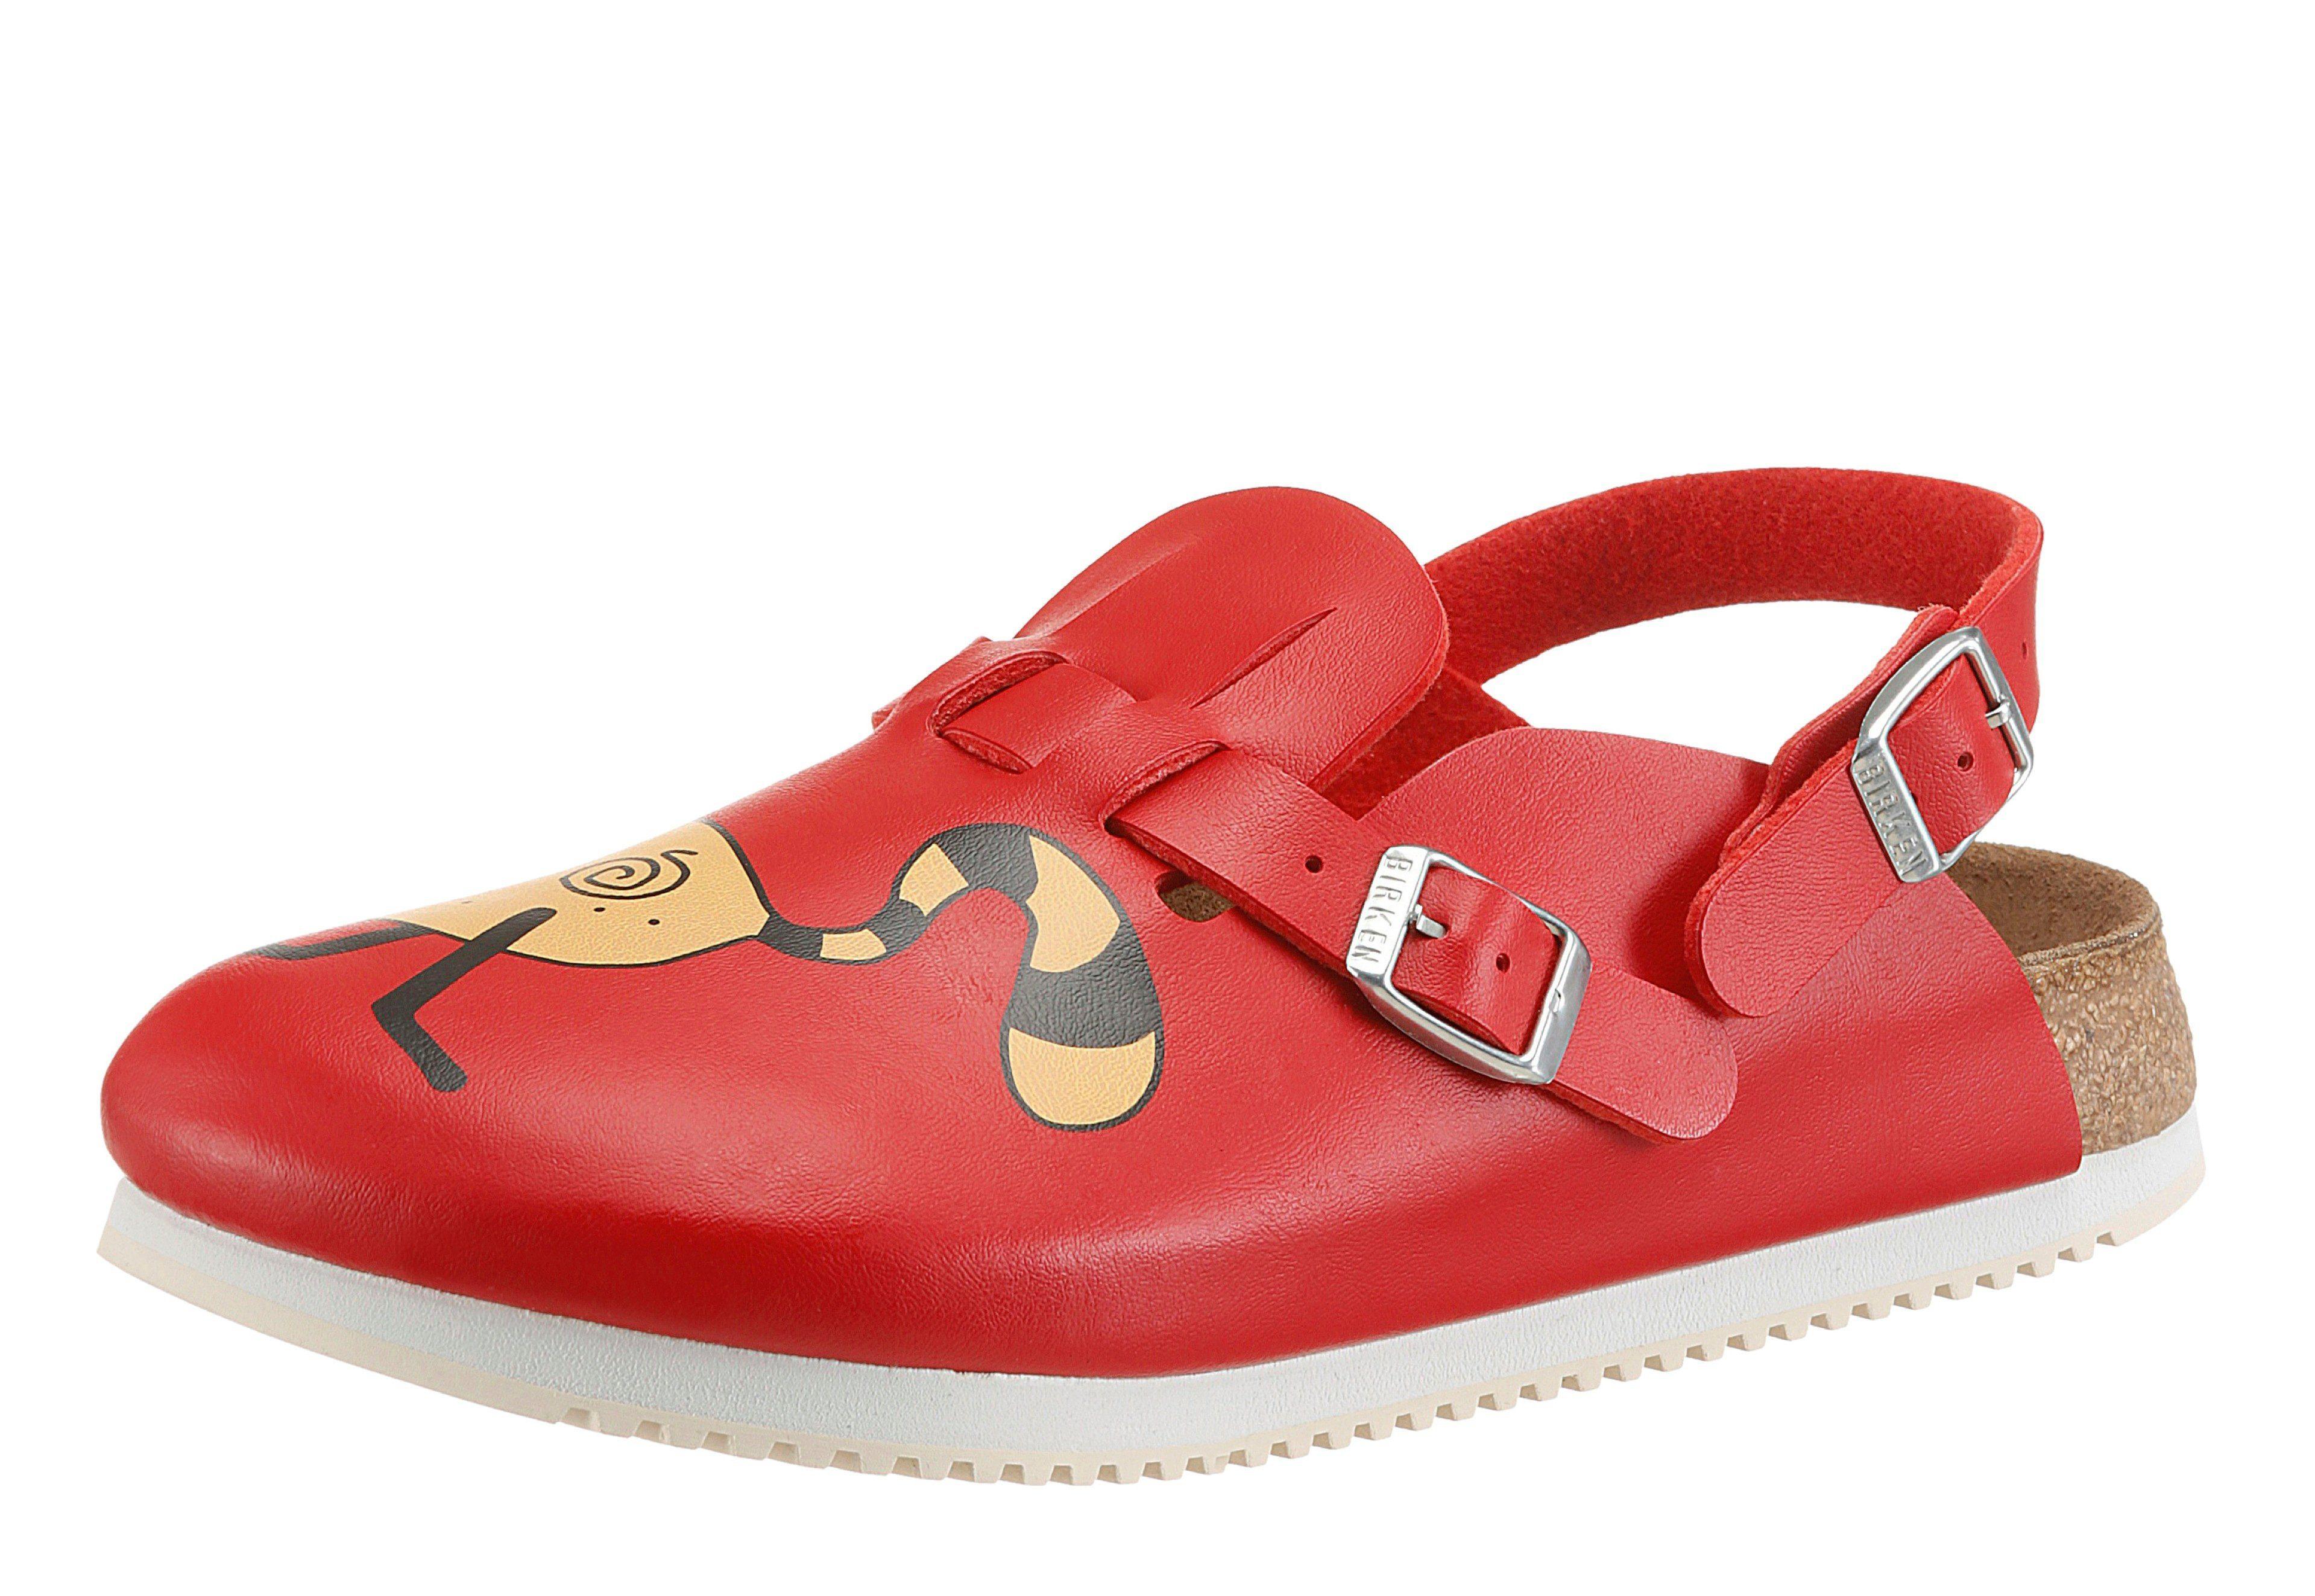 Birkenstock KAY SL Clog, umklappbarer und verstellbarer Fersenriemen online kaufen  rot-bunt